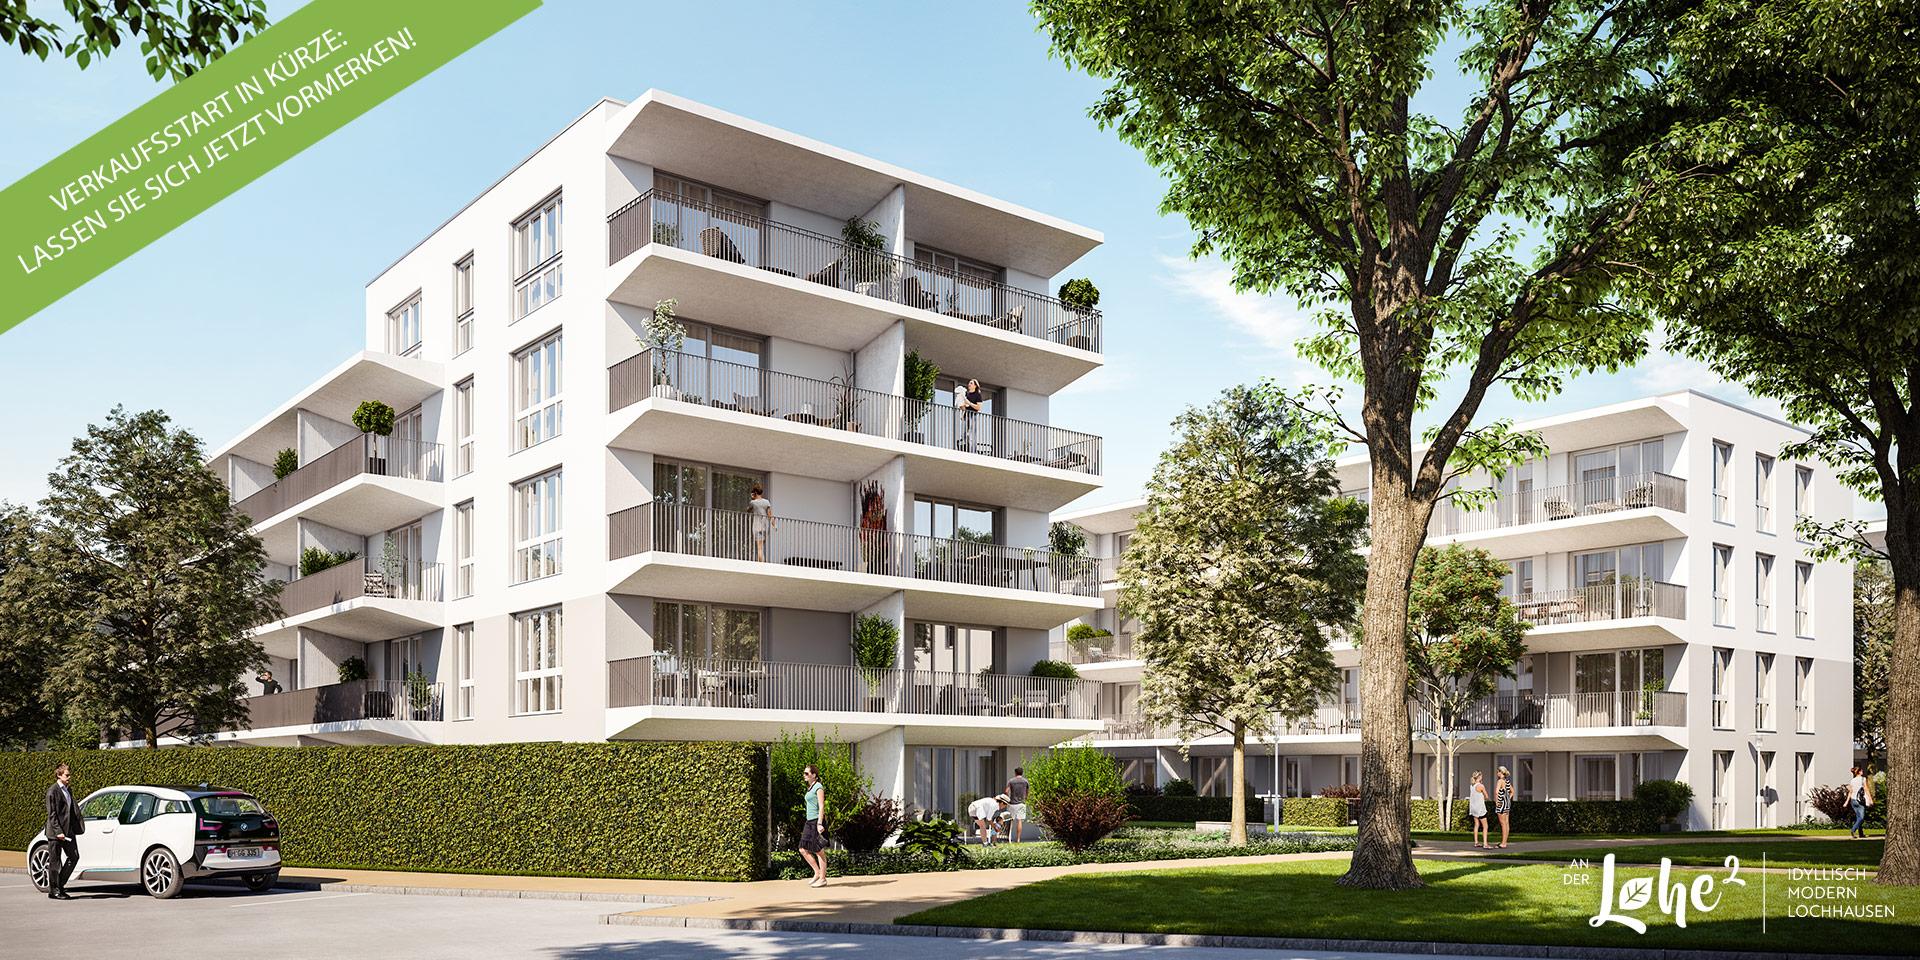 Eigentumswohnungen München: An der Lohe 2